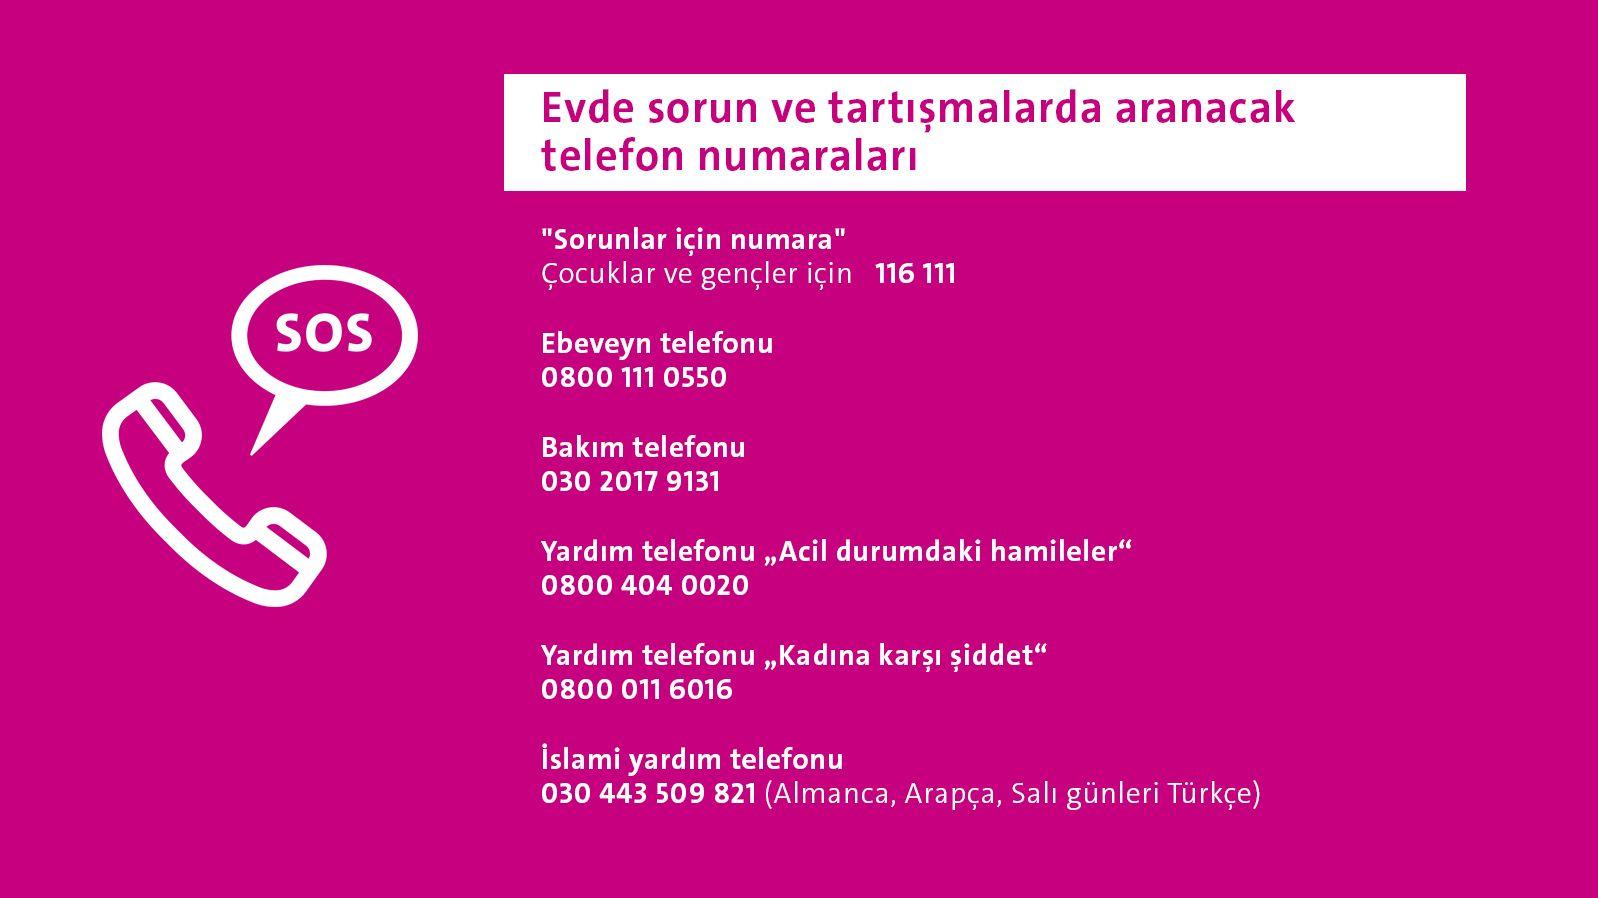 """Evde sorun ve tartışmalarda aranacak telefon numaraları  """"Sorunlar için numara"""" Çocuklar ve gençler için 116 111  Ebeveyn telefonu 0800 111 0550  Bakım telefonu 030 2017 9131  Yardım telefonu """"Acil durumdaki hamileler"""" 0800 404 0020  Yardım telefonu """"Kadına karşı şiddet"""" 0800 011 6016  İslami yardım telefonu 030 443 509 821 (Almanca, Arapça, Salı günleri Türkçe)"""